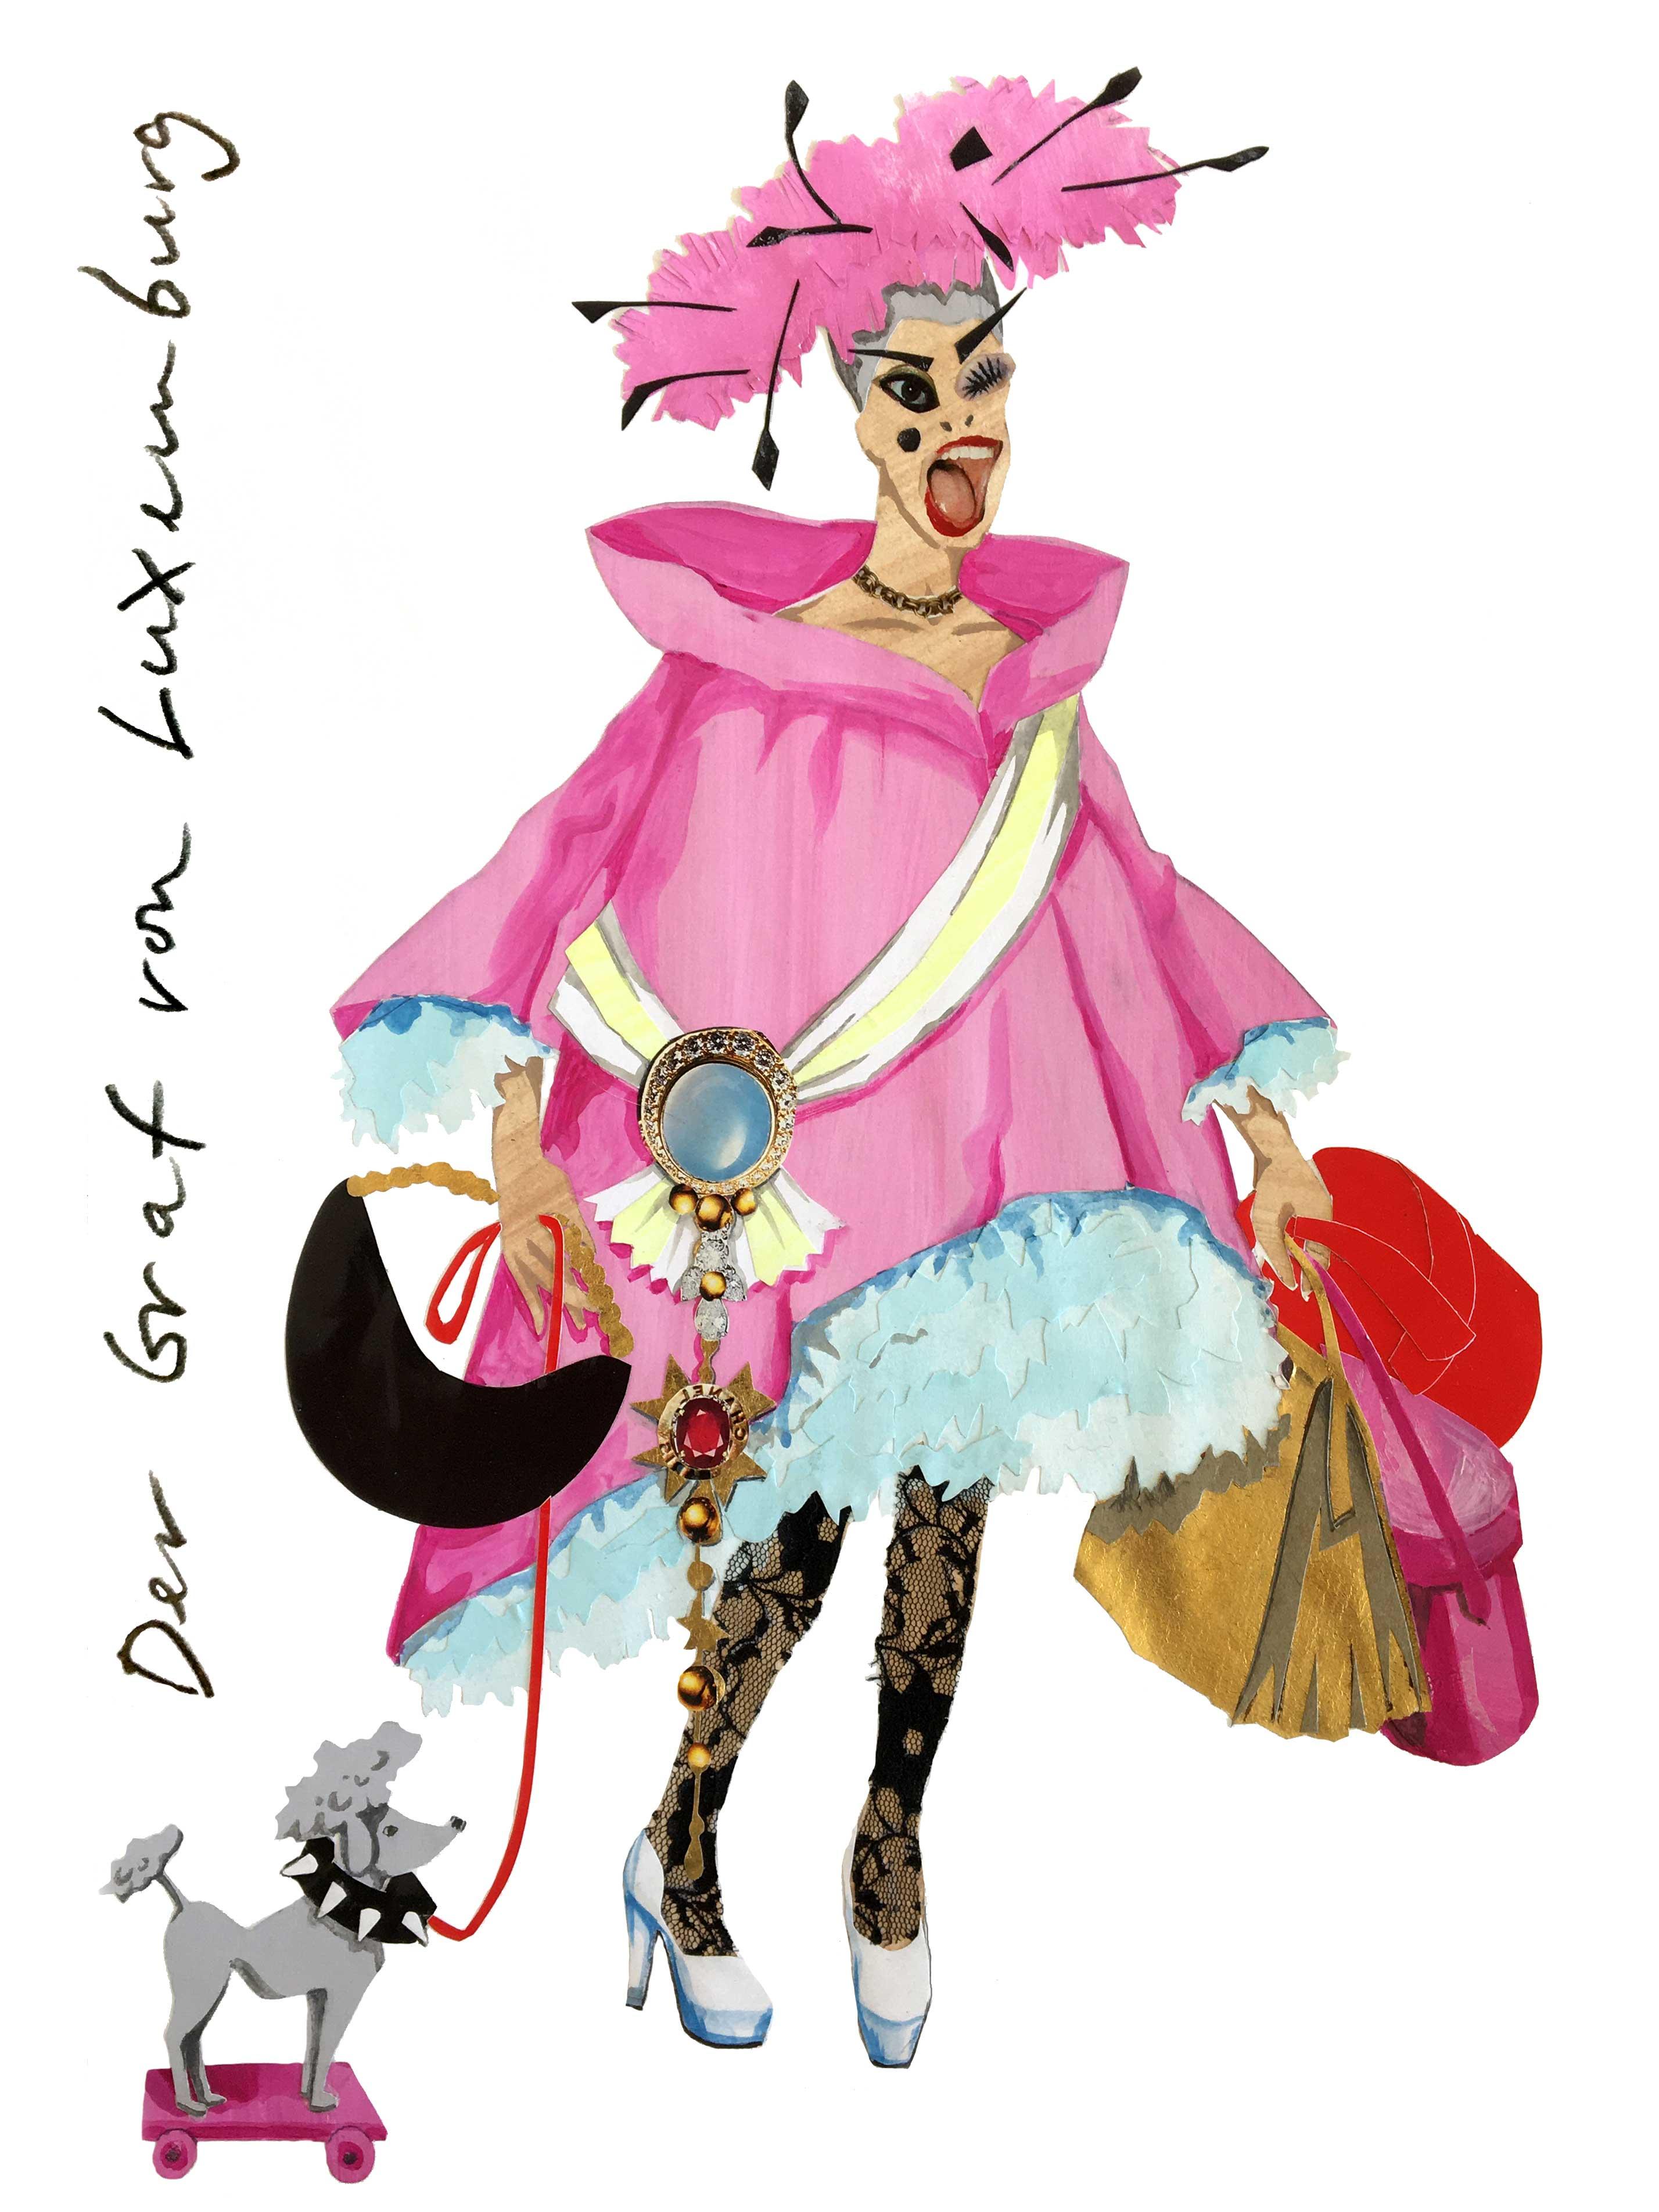 kostümfigurine-costumedesign-der-graf-von-luxemburg-costumedesigner-theatercostumes-figurines